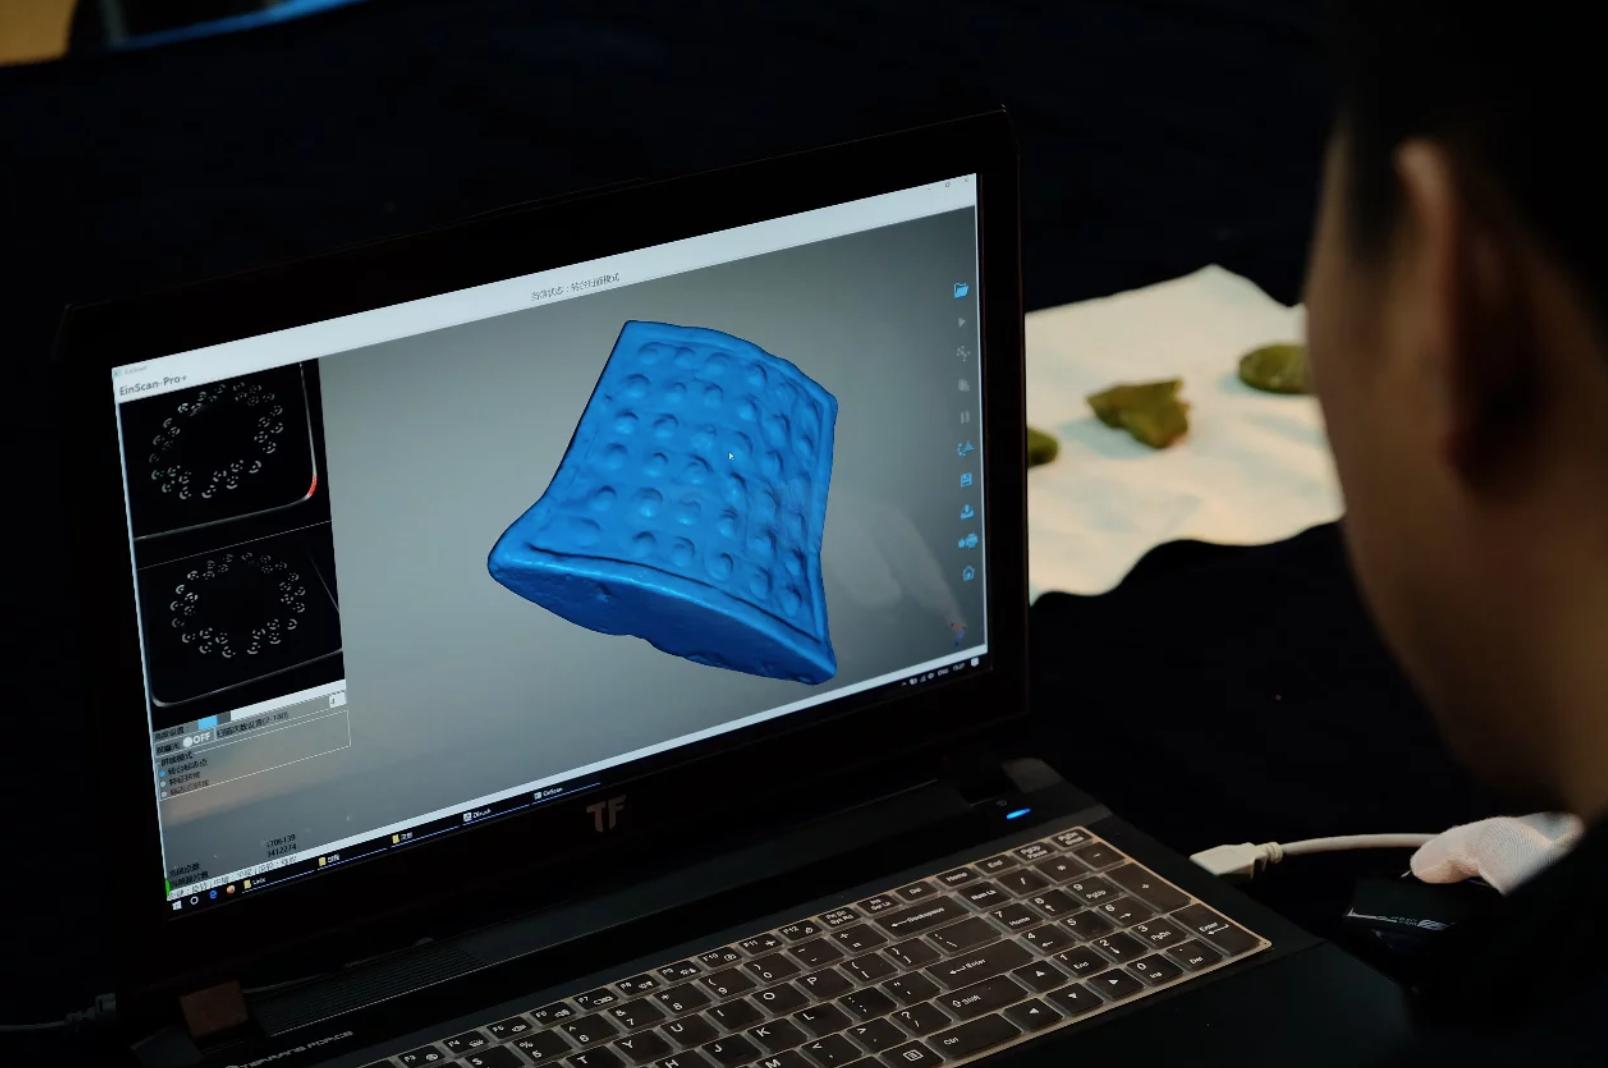 スキャンされた玉の遺物から3Dデータに編集